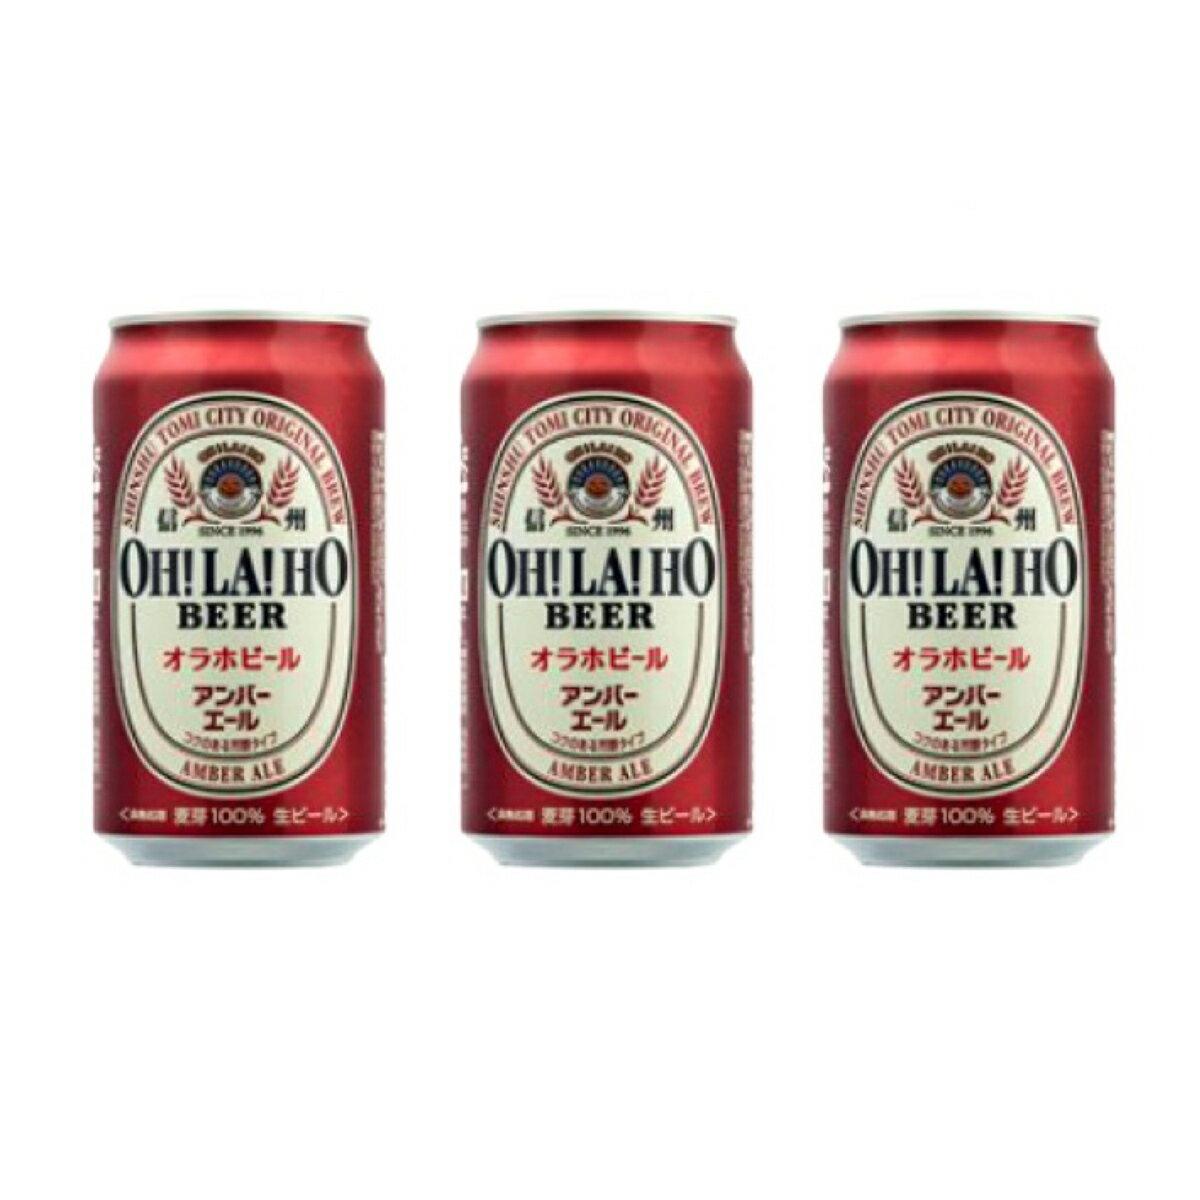 オラホビール『アンバーエール』